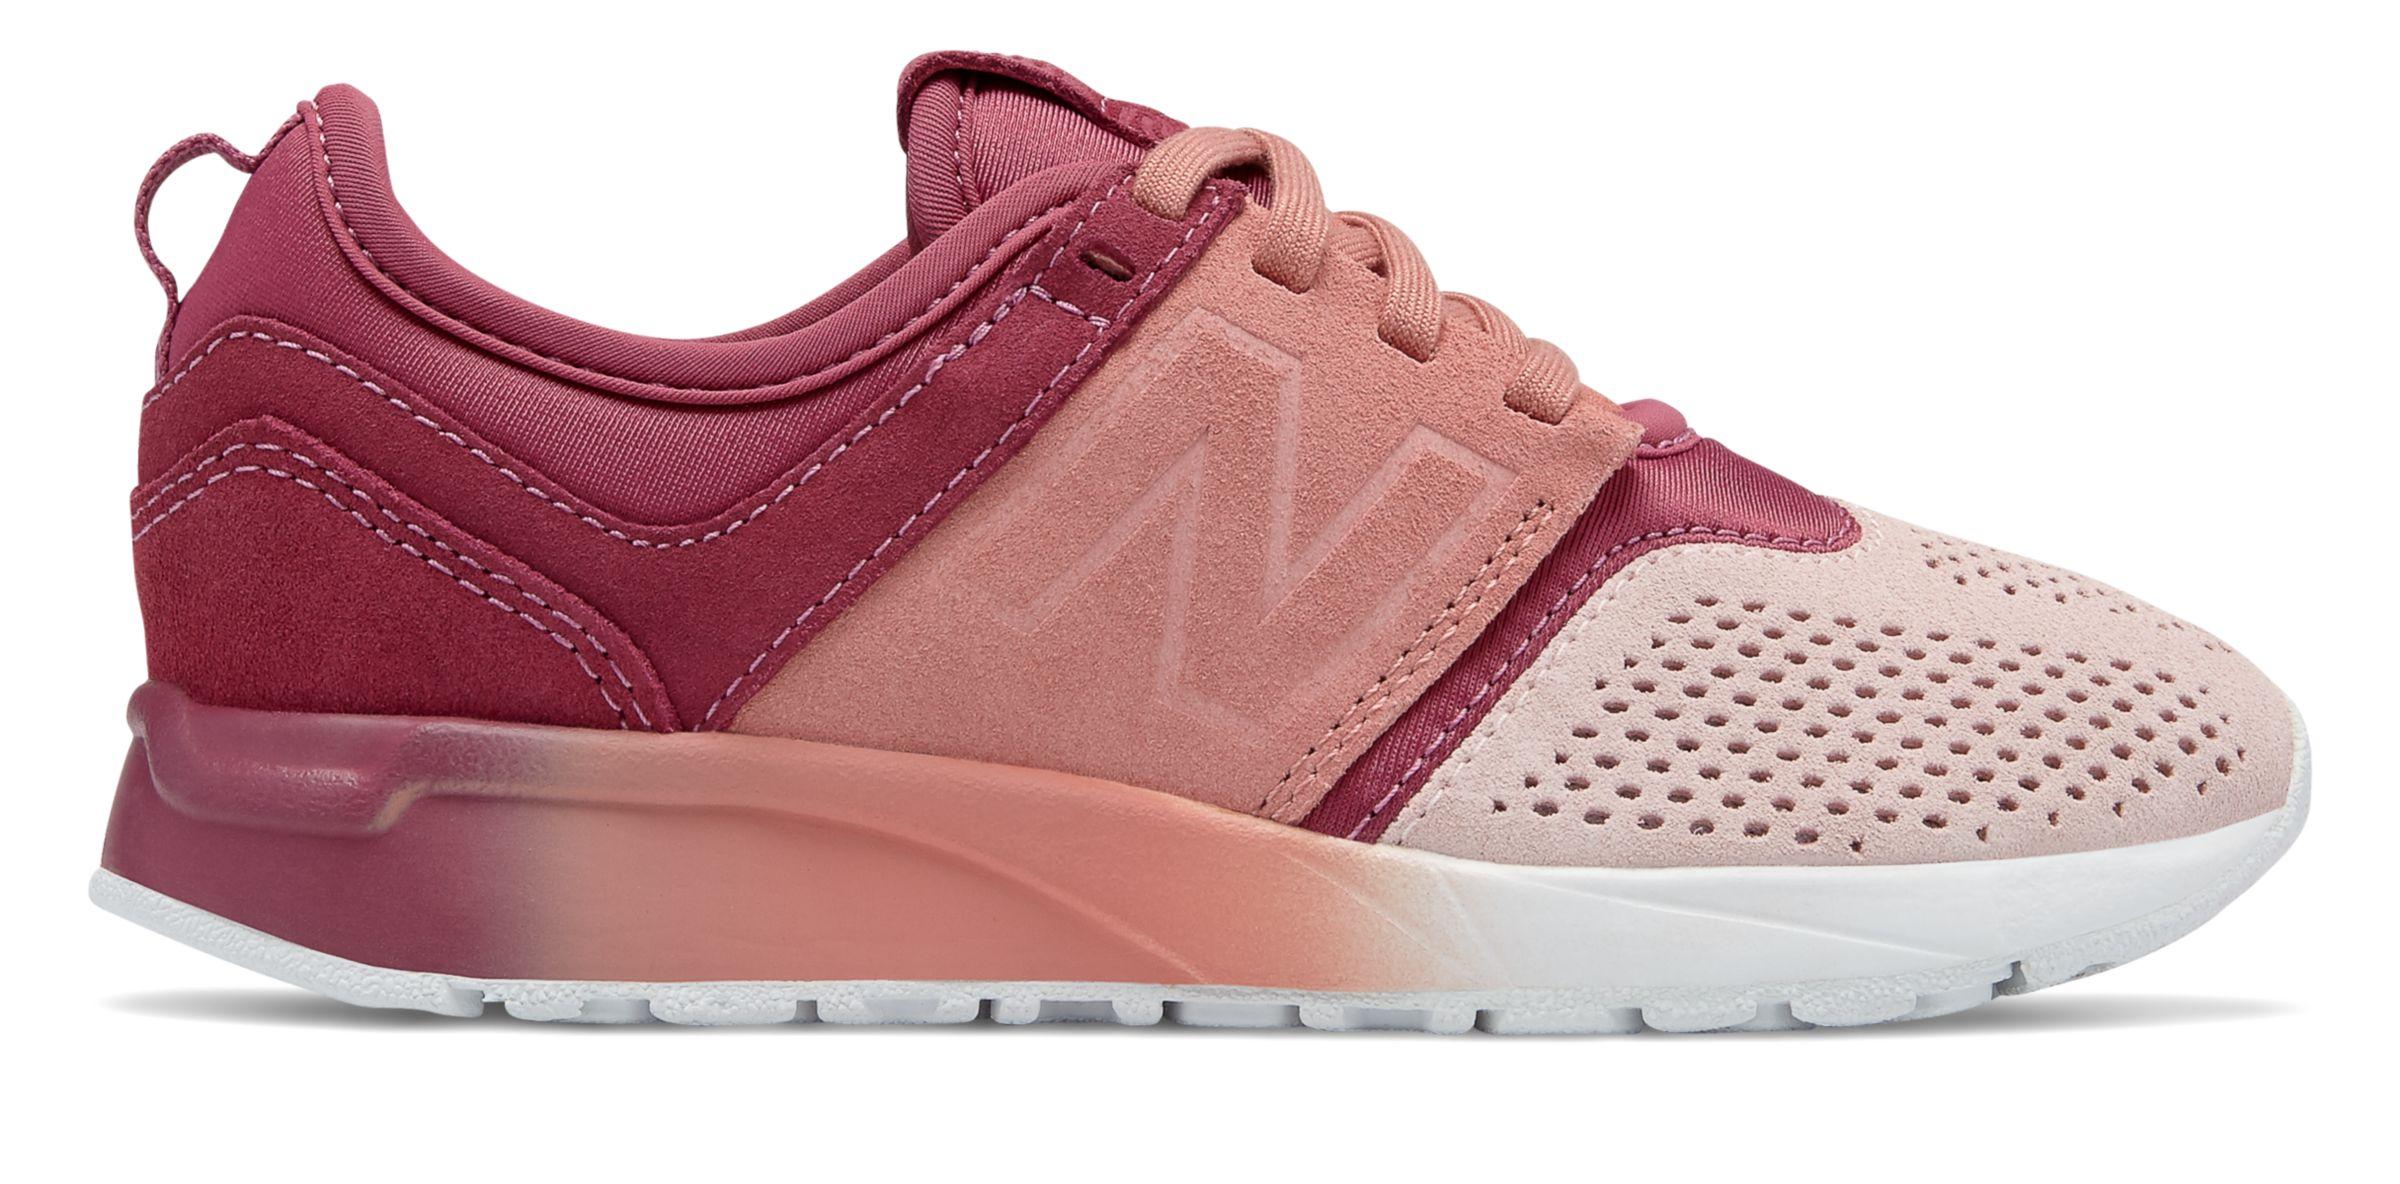 Nouvelles Chaussures D'équilibre Pour Les Filles Taille 3.5 vLRRs